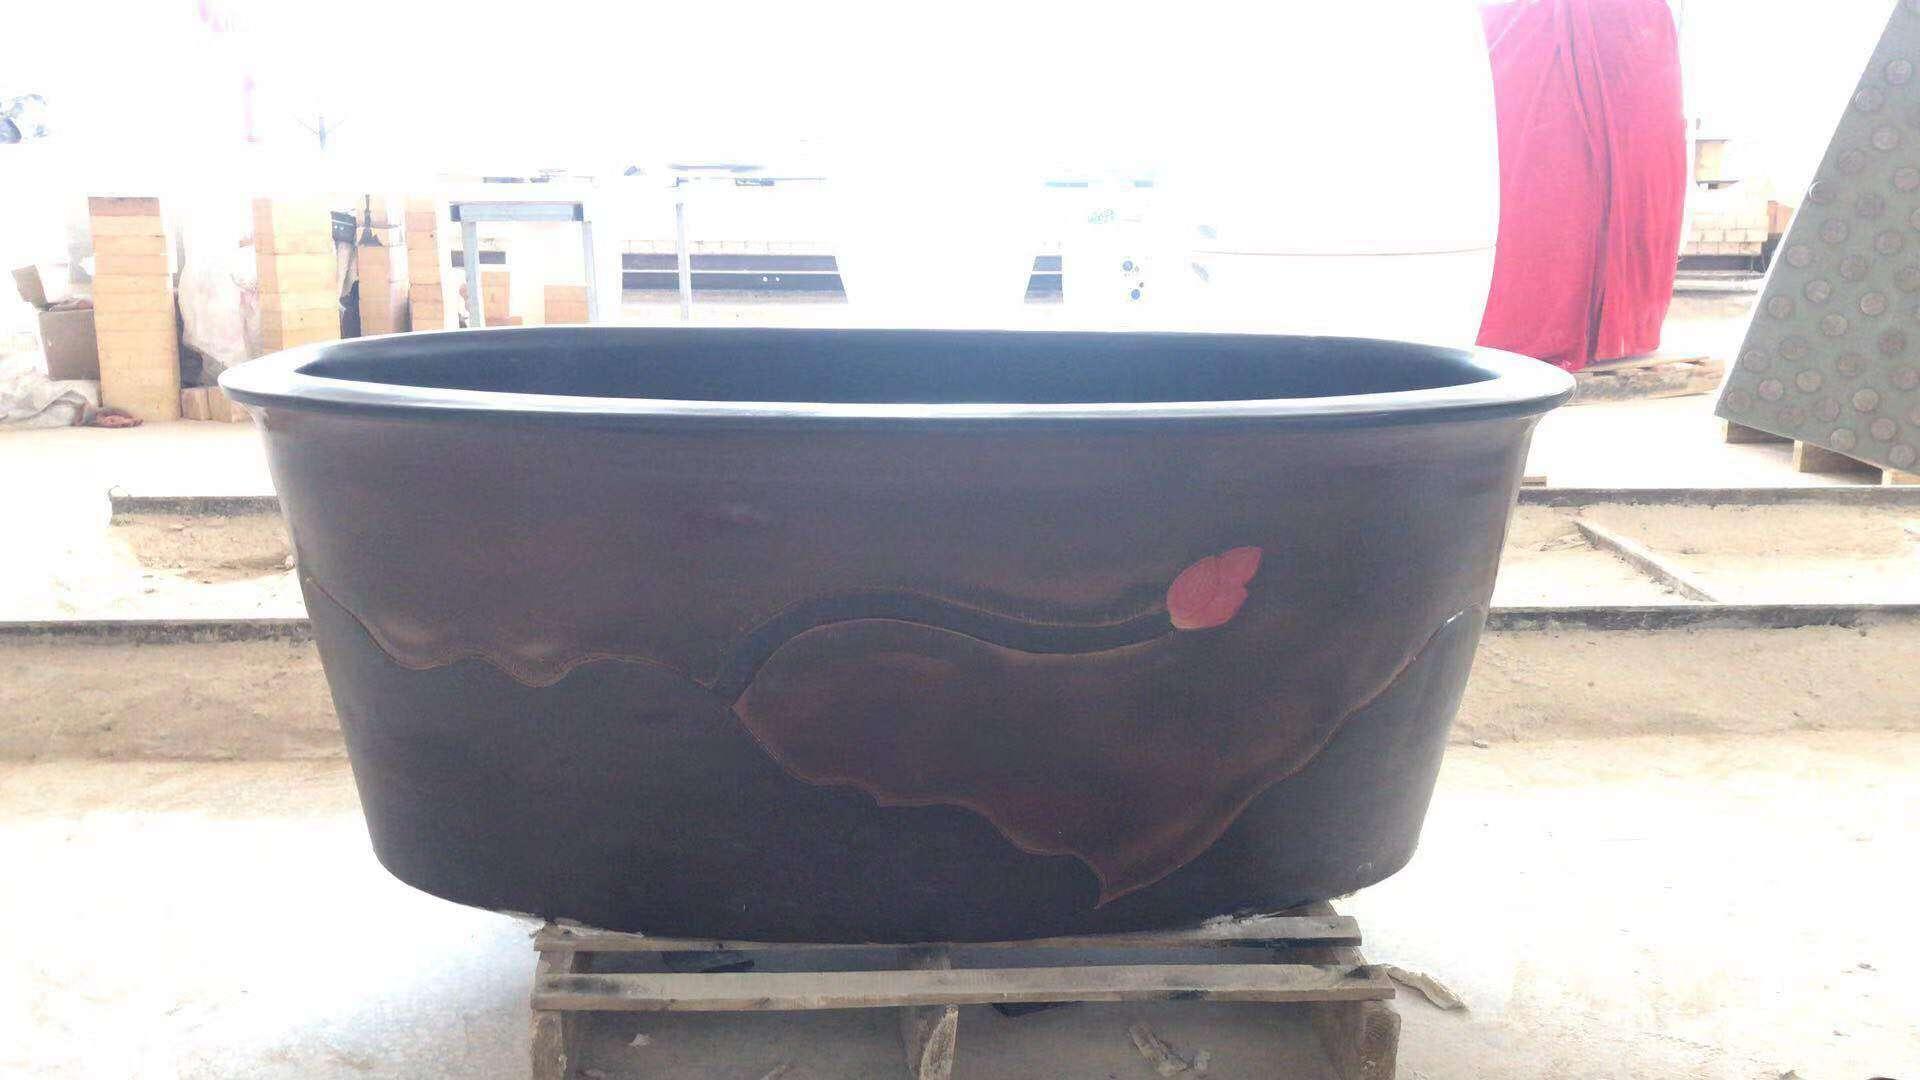 陶瓷浴缸生产厂家家用定制椭圆方形泡澡缸家用定制